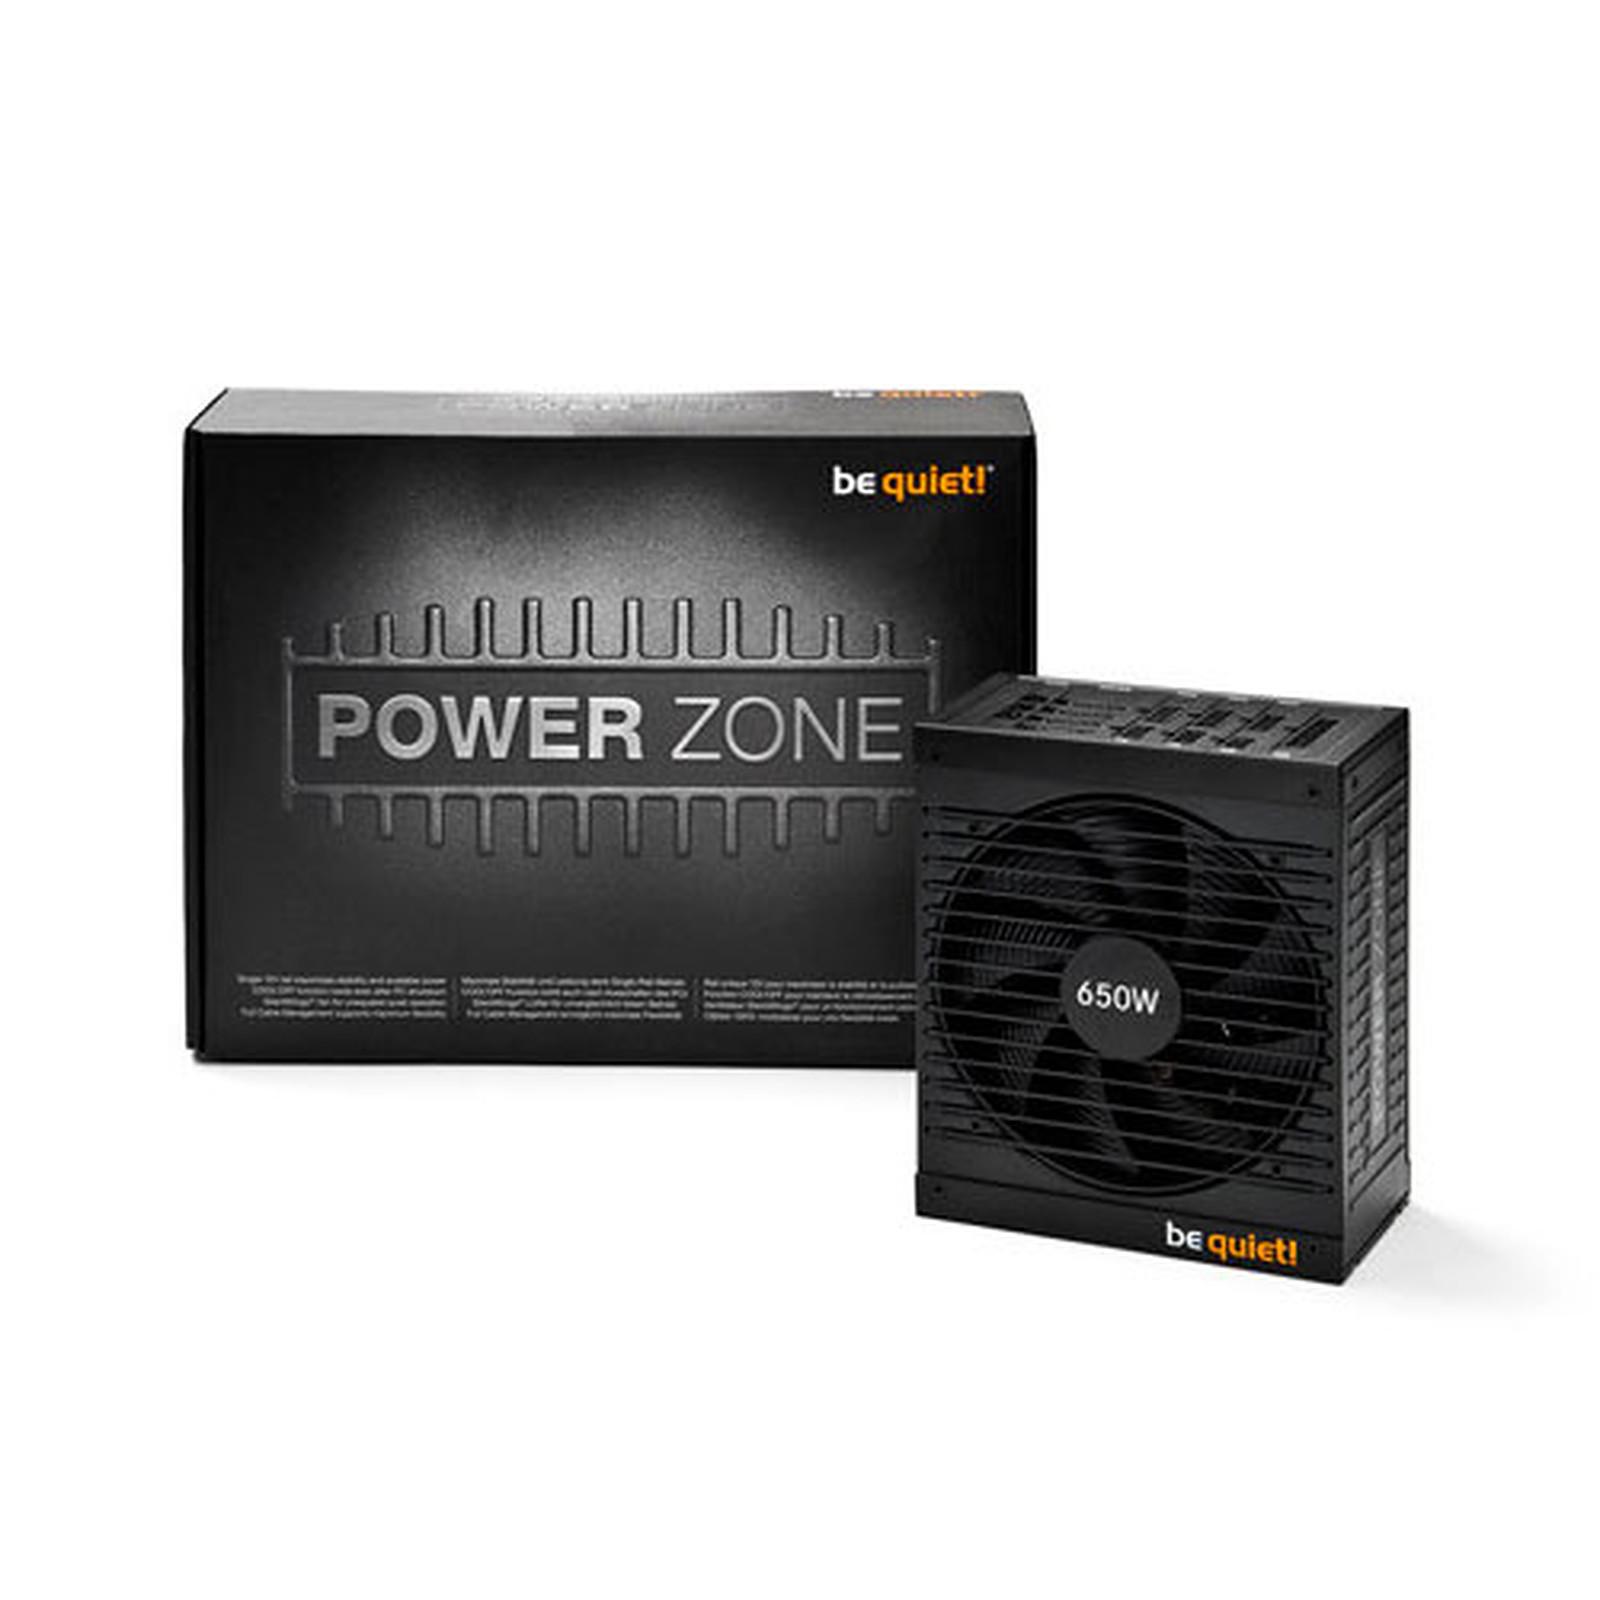 be quiet! Power Zone 650W 80PLUS Bronze